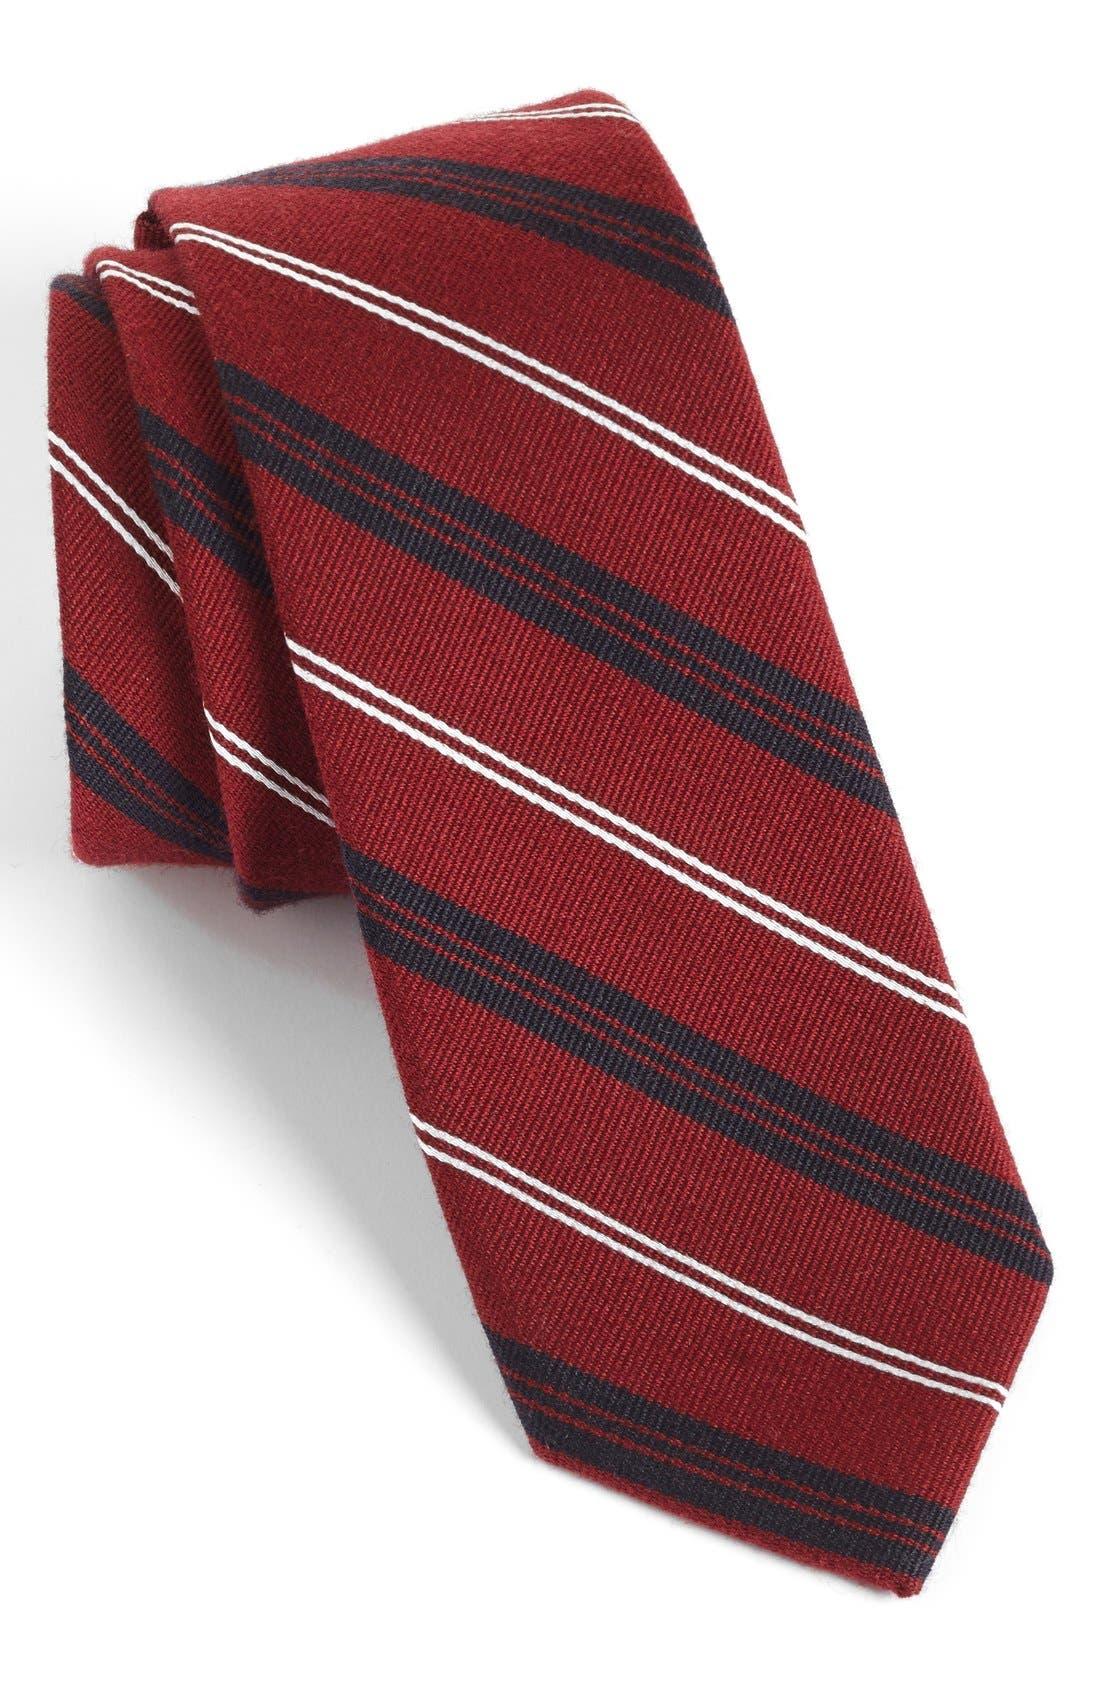 Alternate Image 1 Selected - 1901 'Browne' Woven Wool & Silk Tie